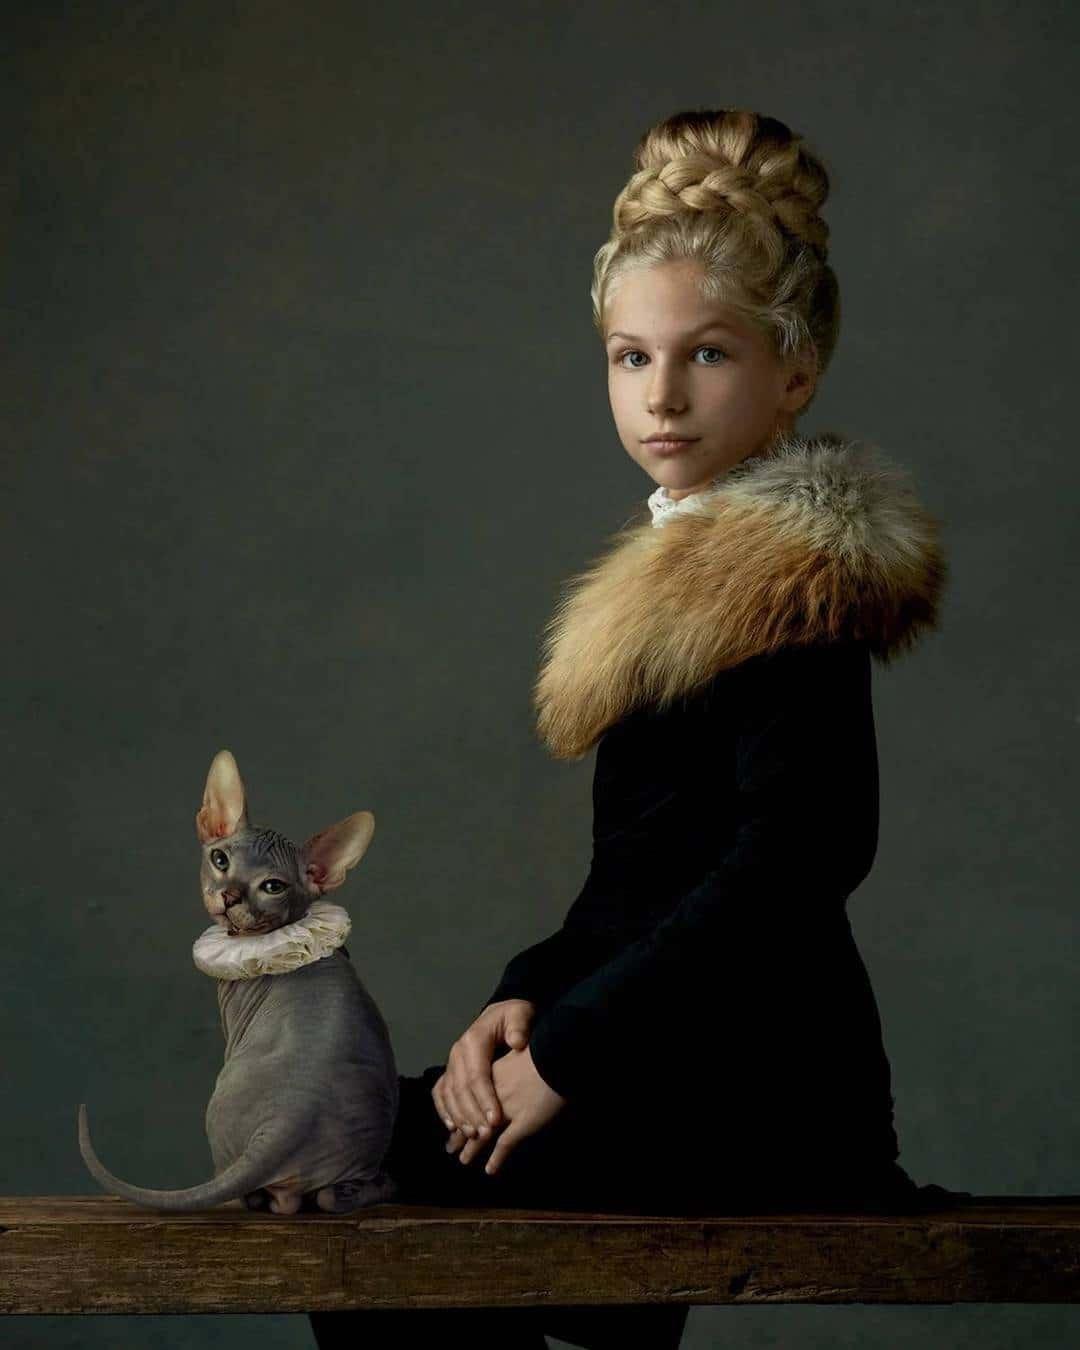 Портретные снимки в стиле эпохи Возрождения